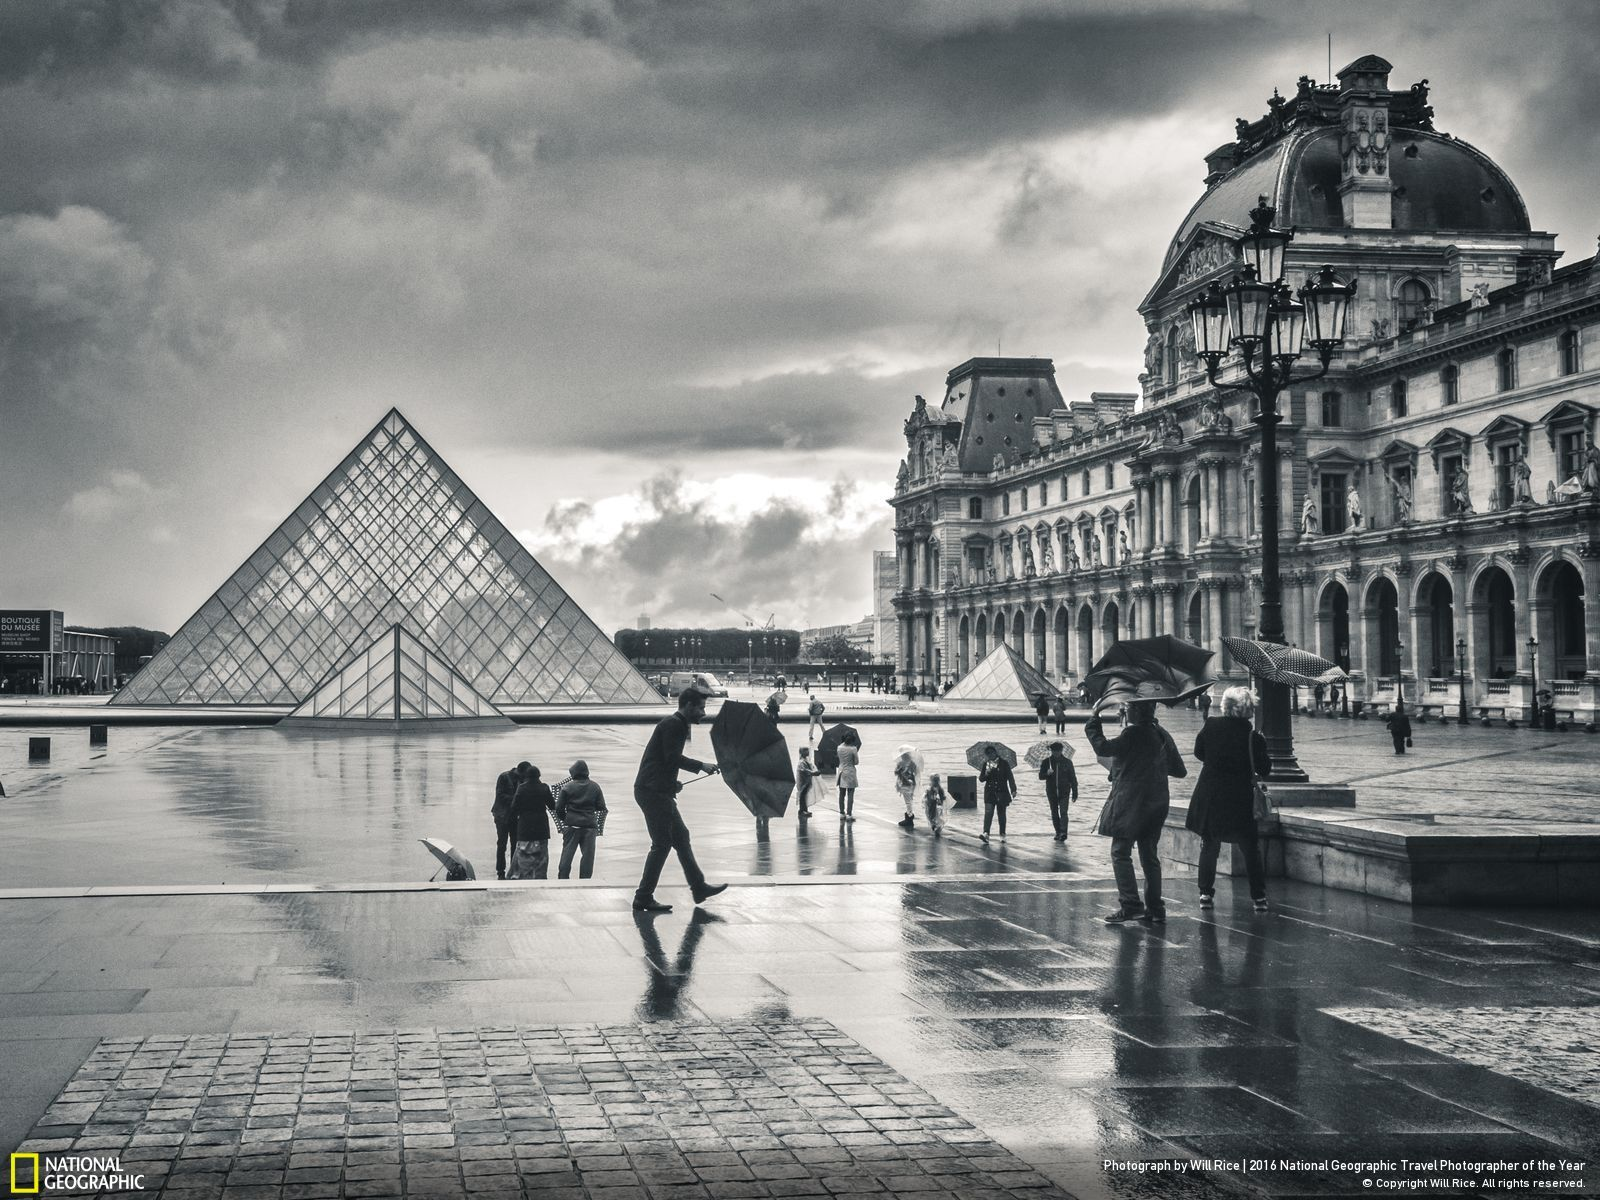 melhores fotos de viagem national geographic_22